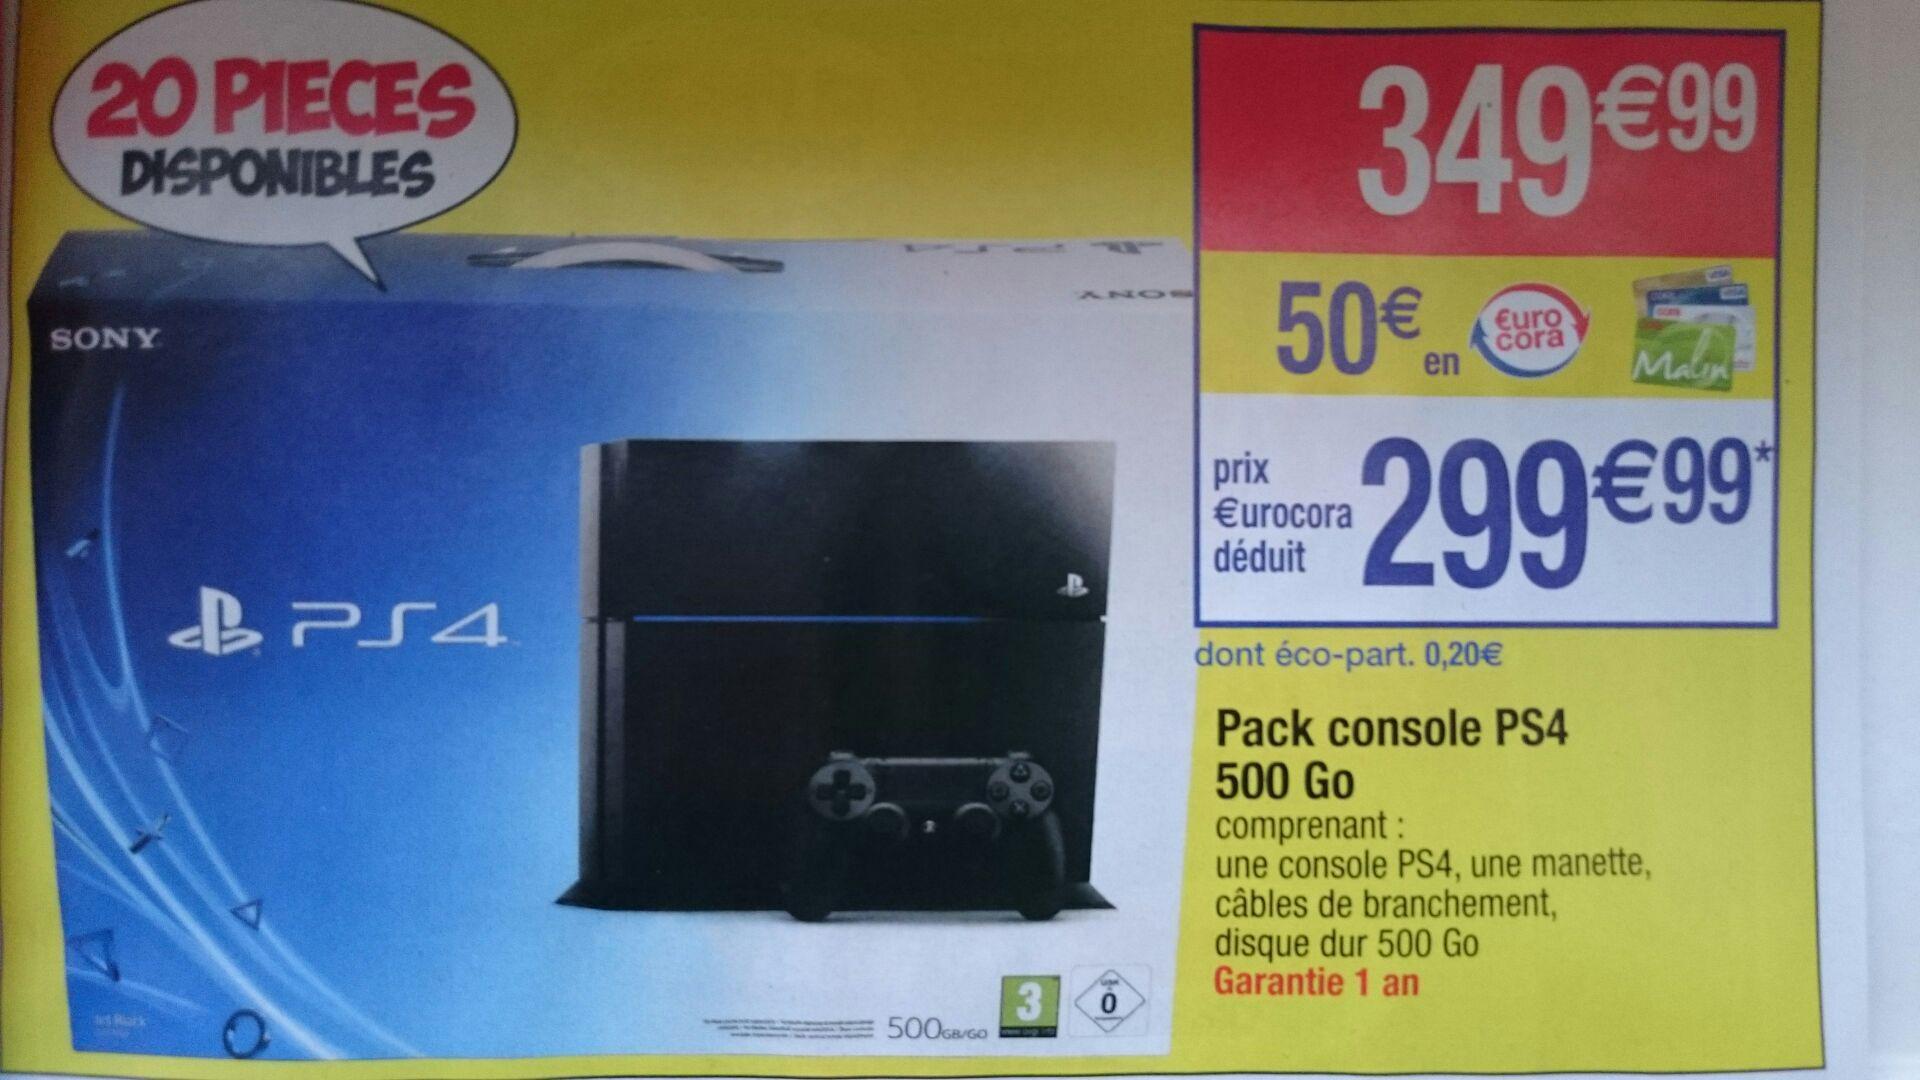 Console Sony PS4 500 Go (avec 50€ sur la carte)